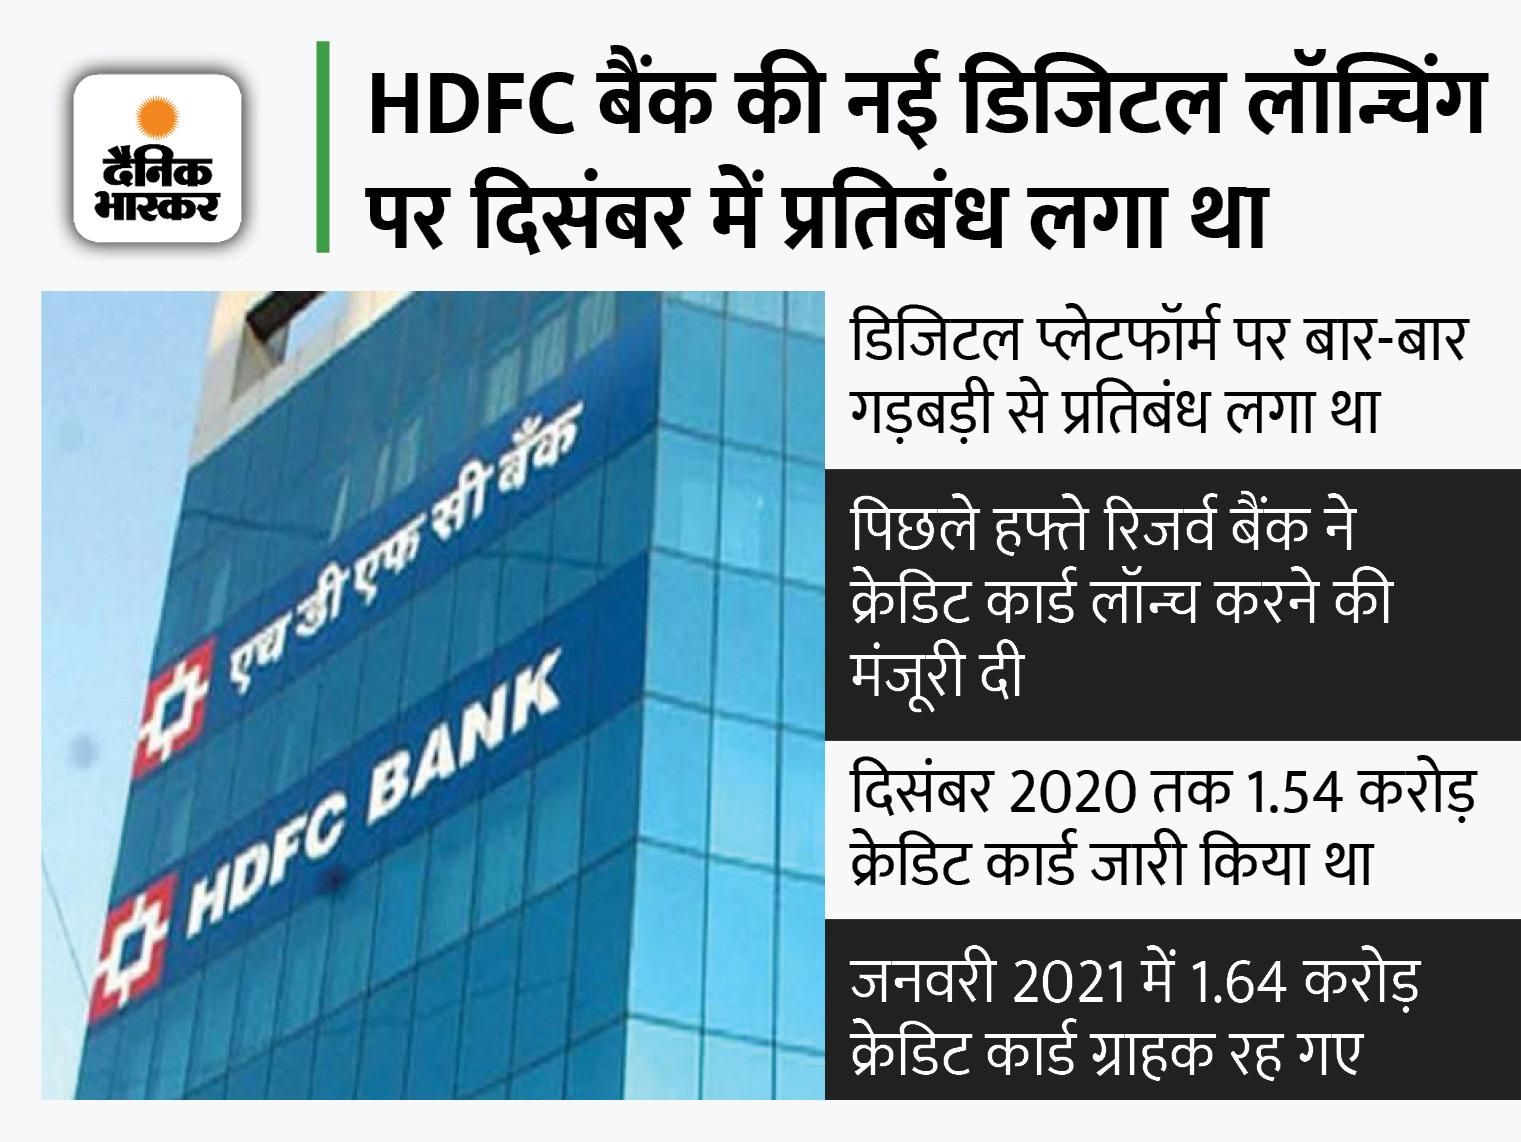 HDFC बैंक को मिलने लगी है क्रेडिट कार्ड की एप्लिकेशन, हर महीने 5 लाख नए क्रेडिट कार्ड जारी करने का लक्ष्य बिजनेस,Business - Dainik Bhaskar